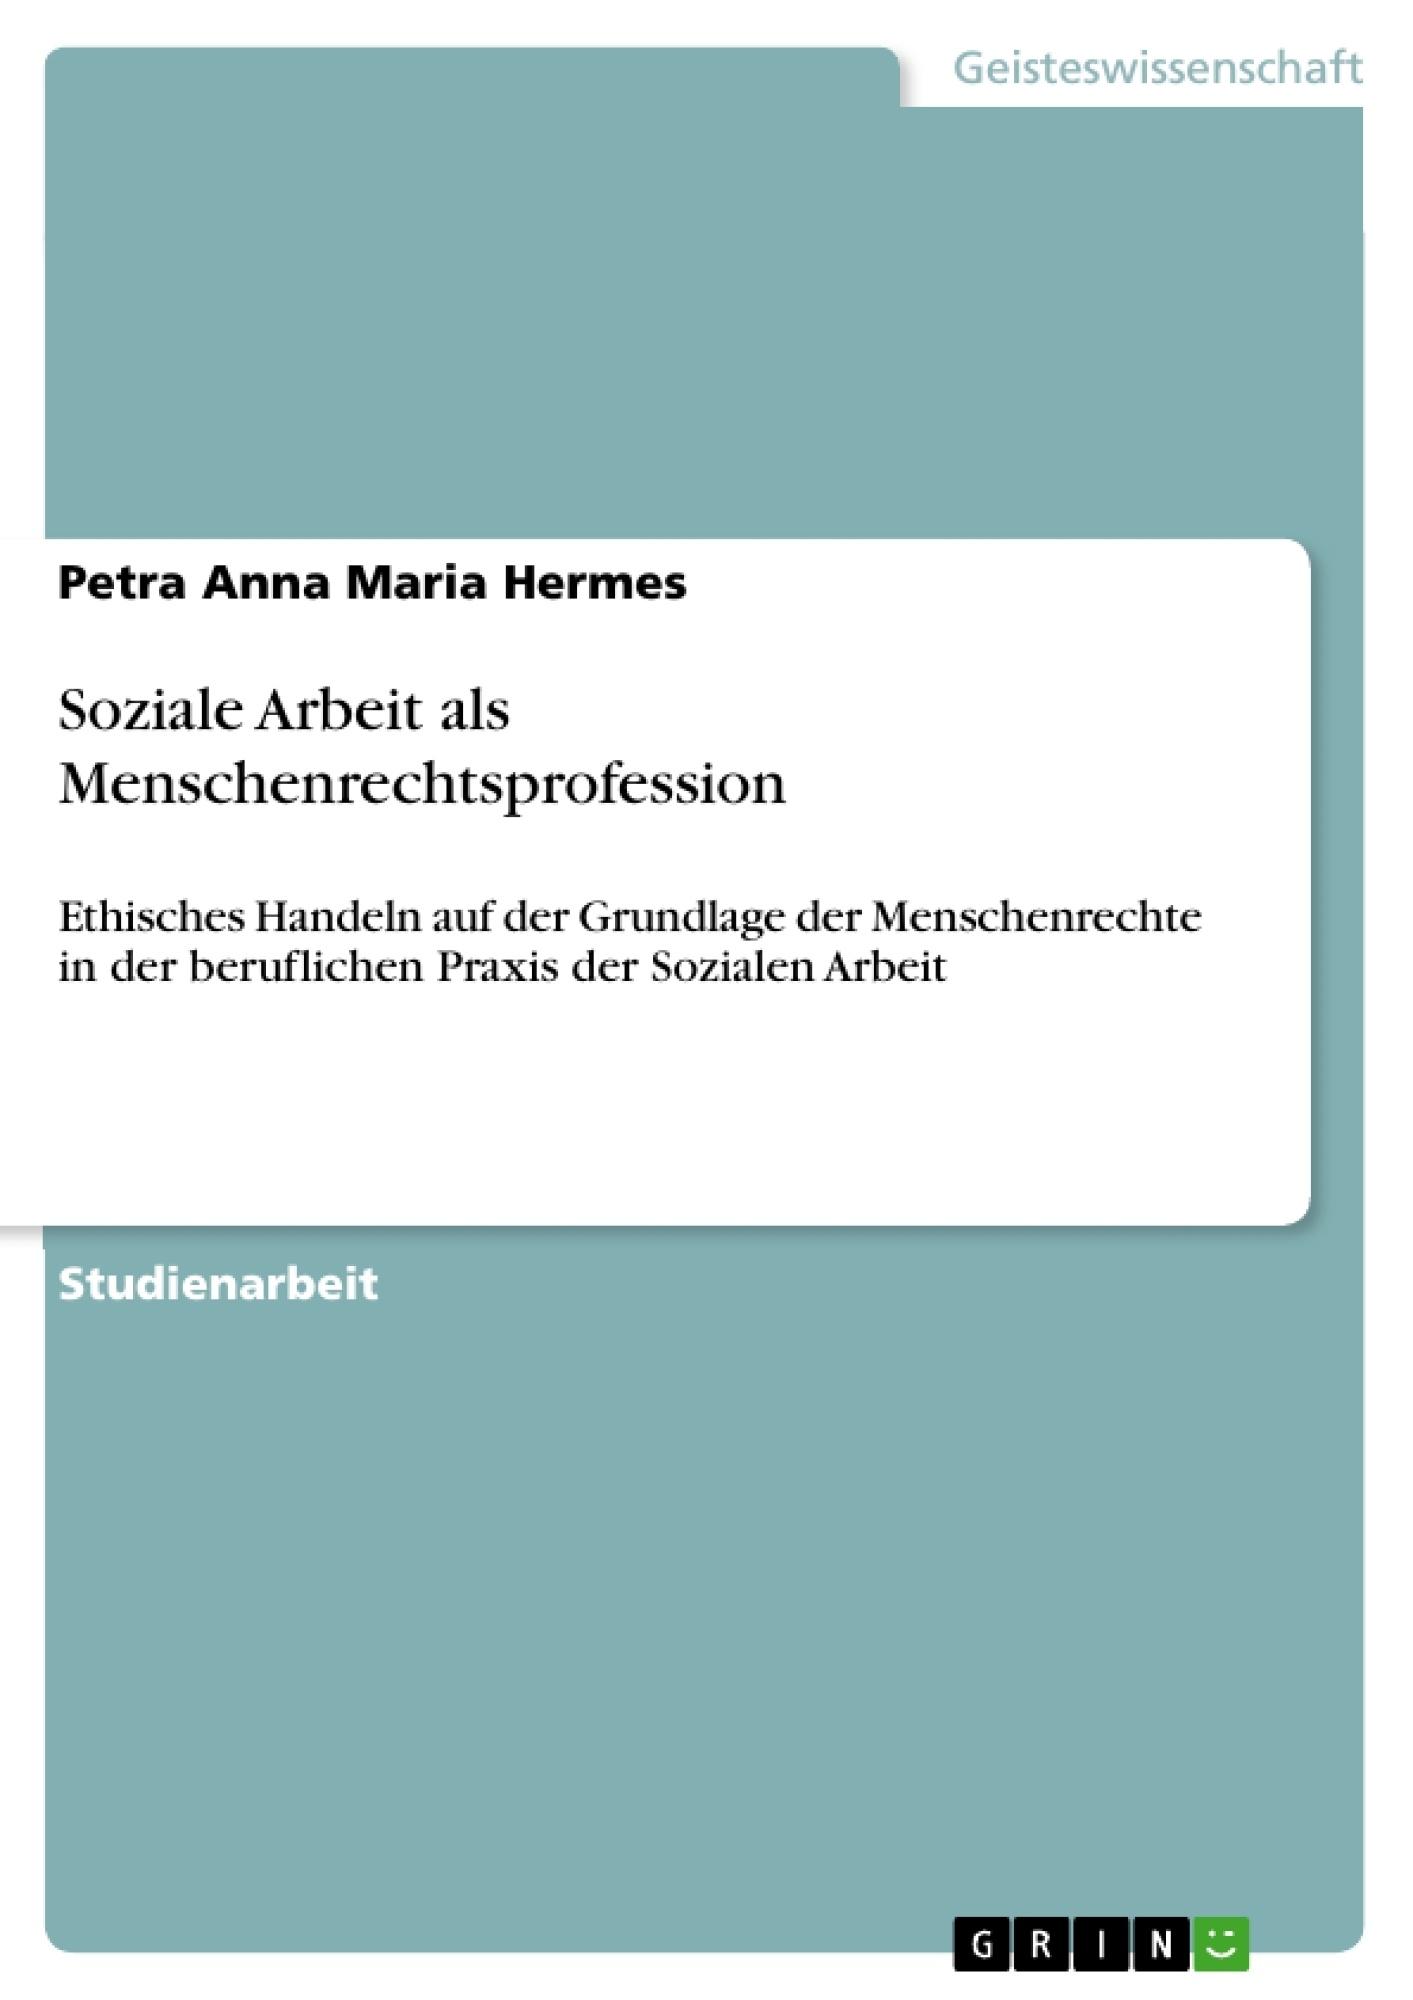 Titel: Soziale Arbeit als Menschenrechtsprofession